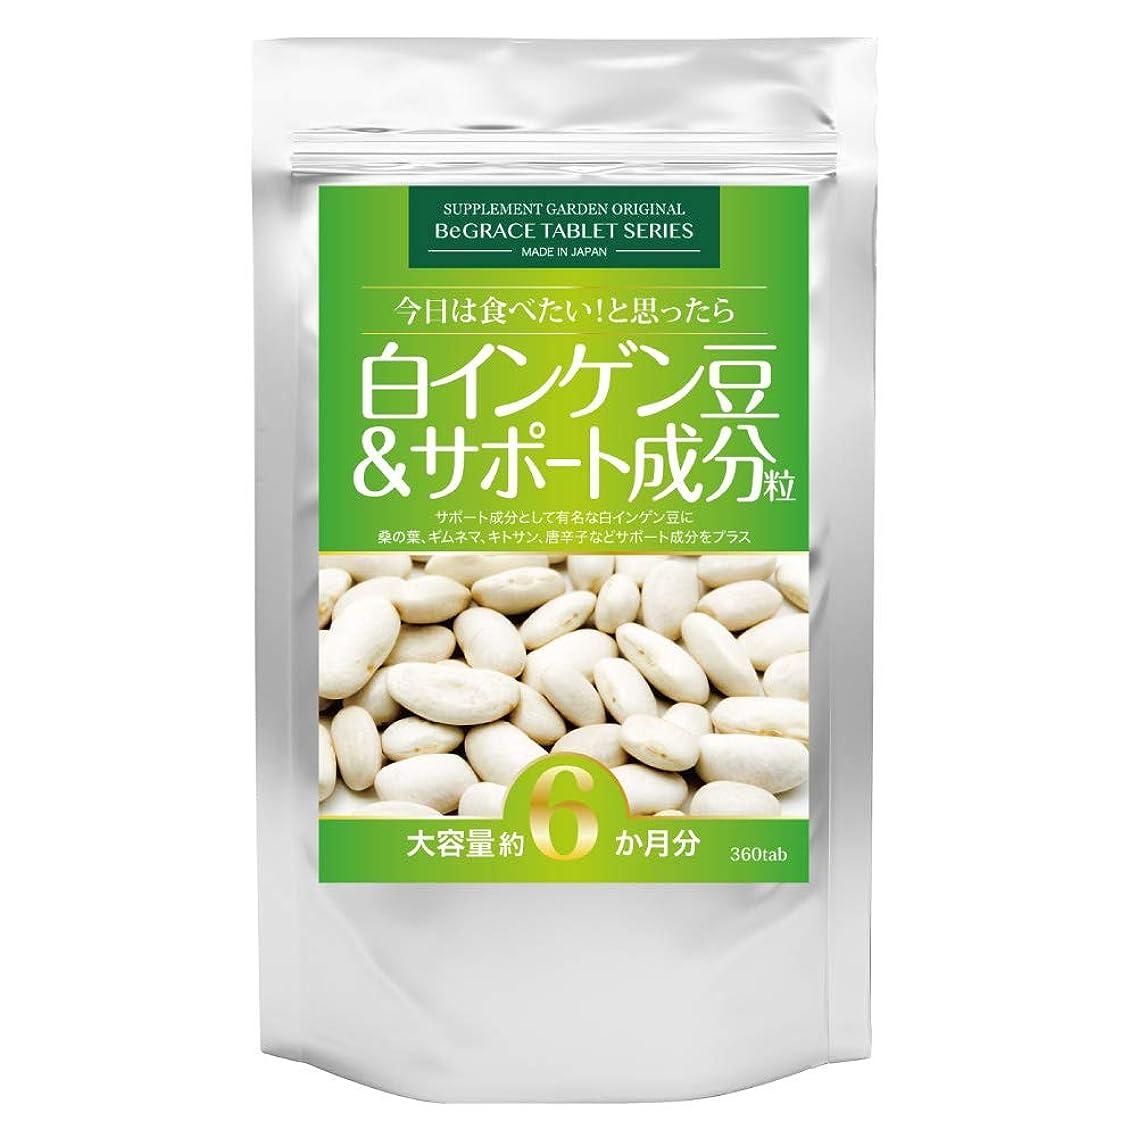 トラップずらす発生白インゲン豆&サポート成分粒 大容量約6ヶ月分/360粒(白インゲン豆?桑の葉?ギムネマ?キトサン?唐辛子)